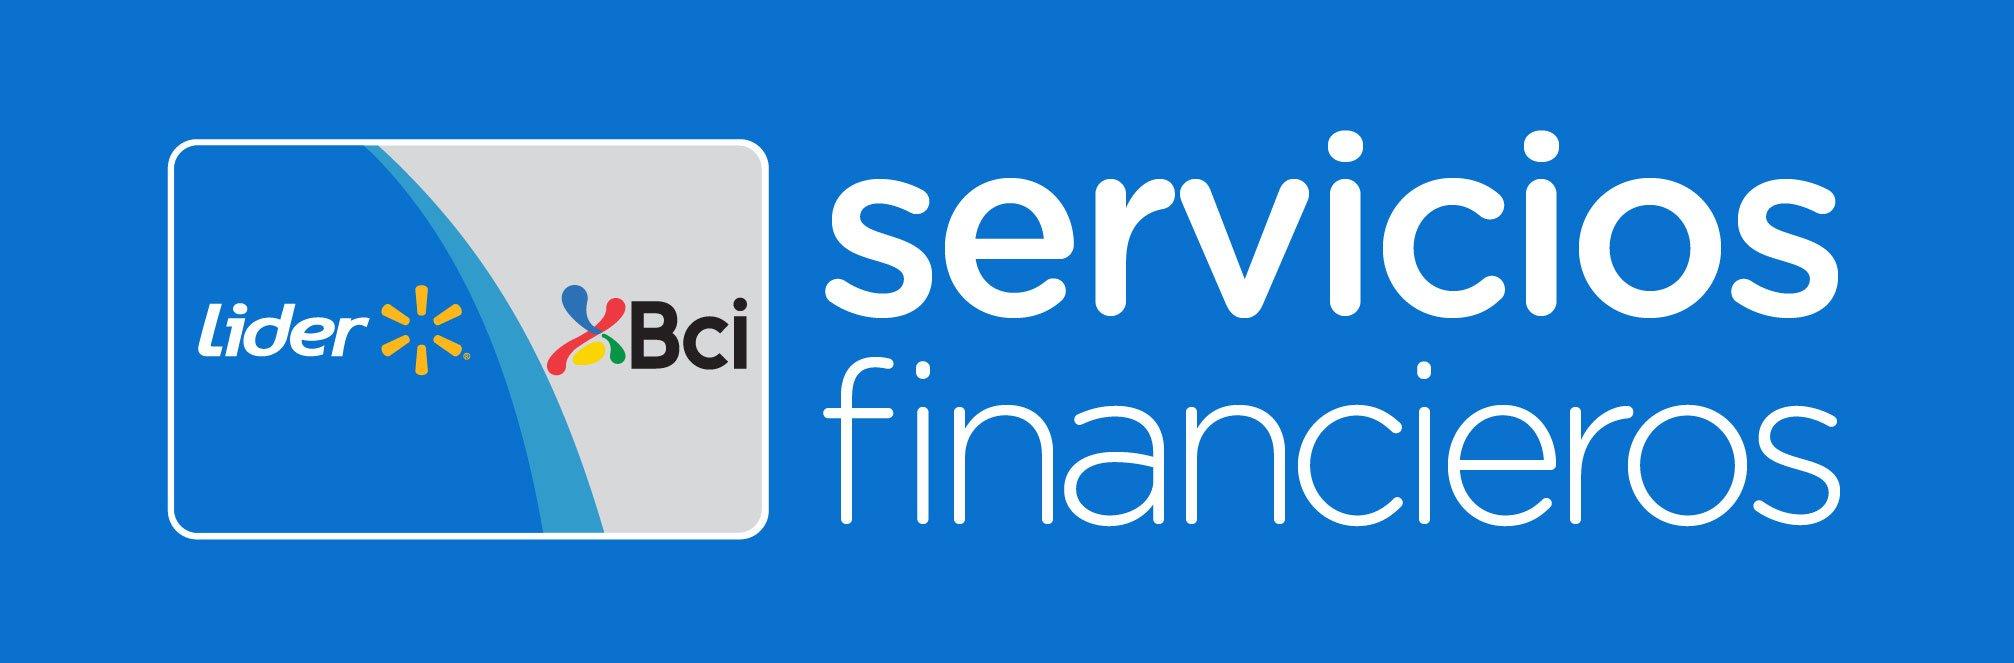 Lider - BCI Servicios Financieros